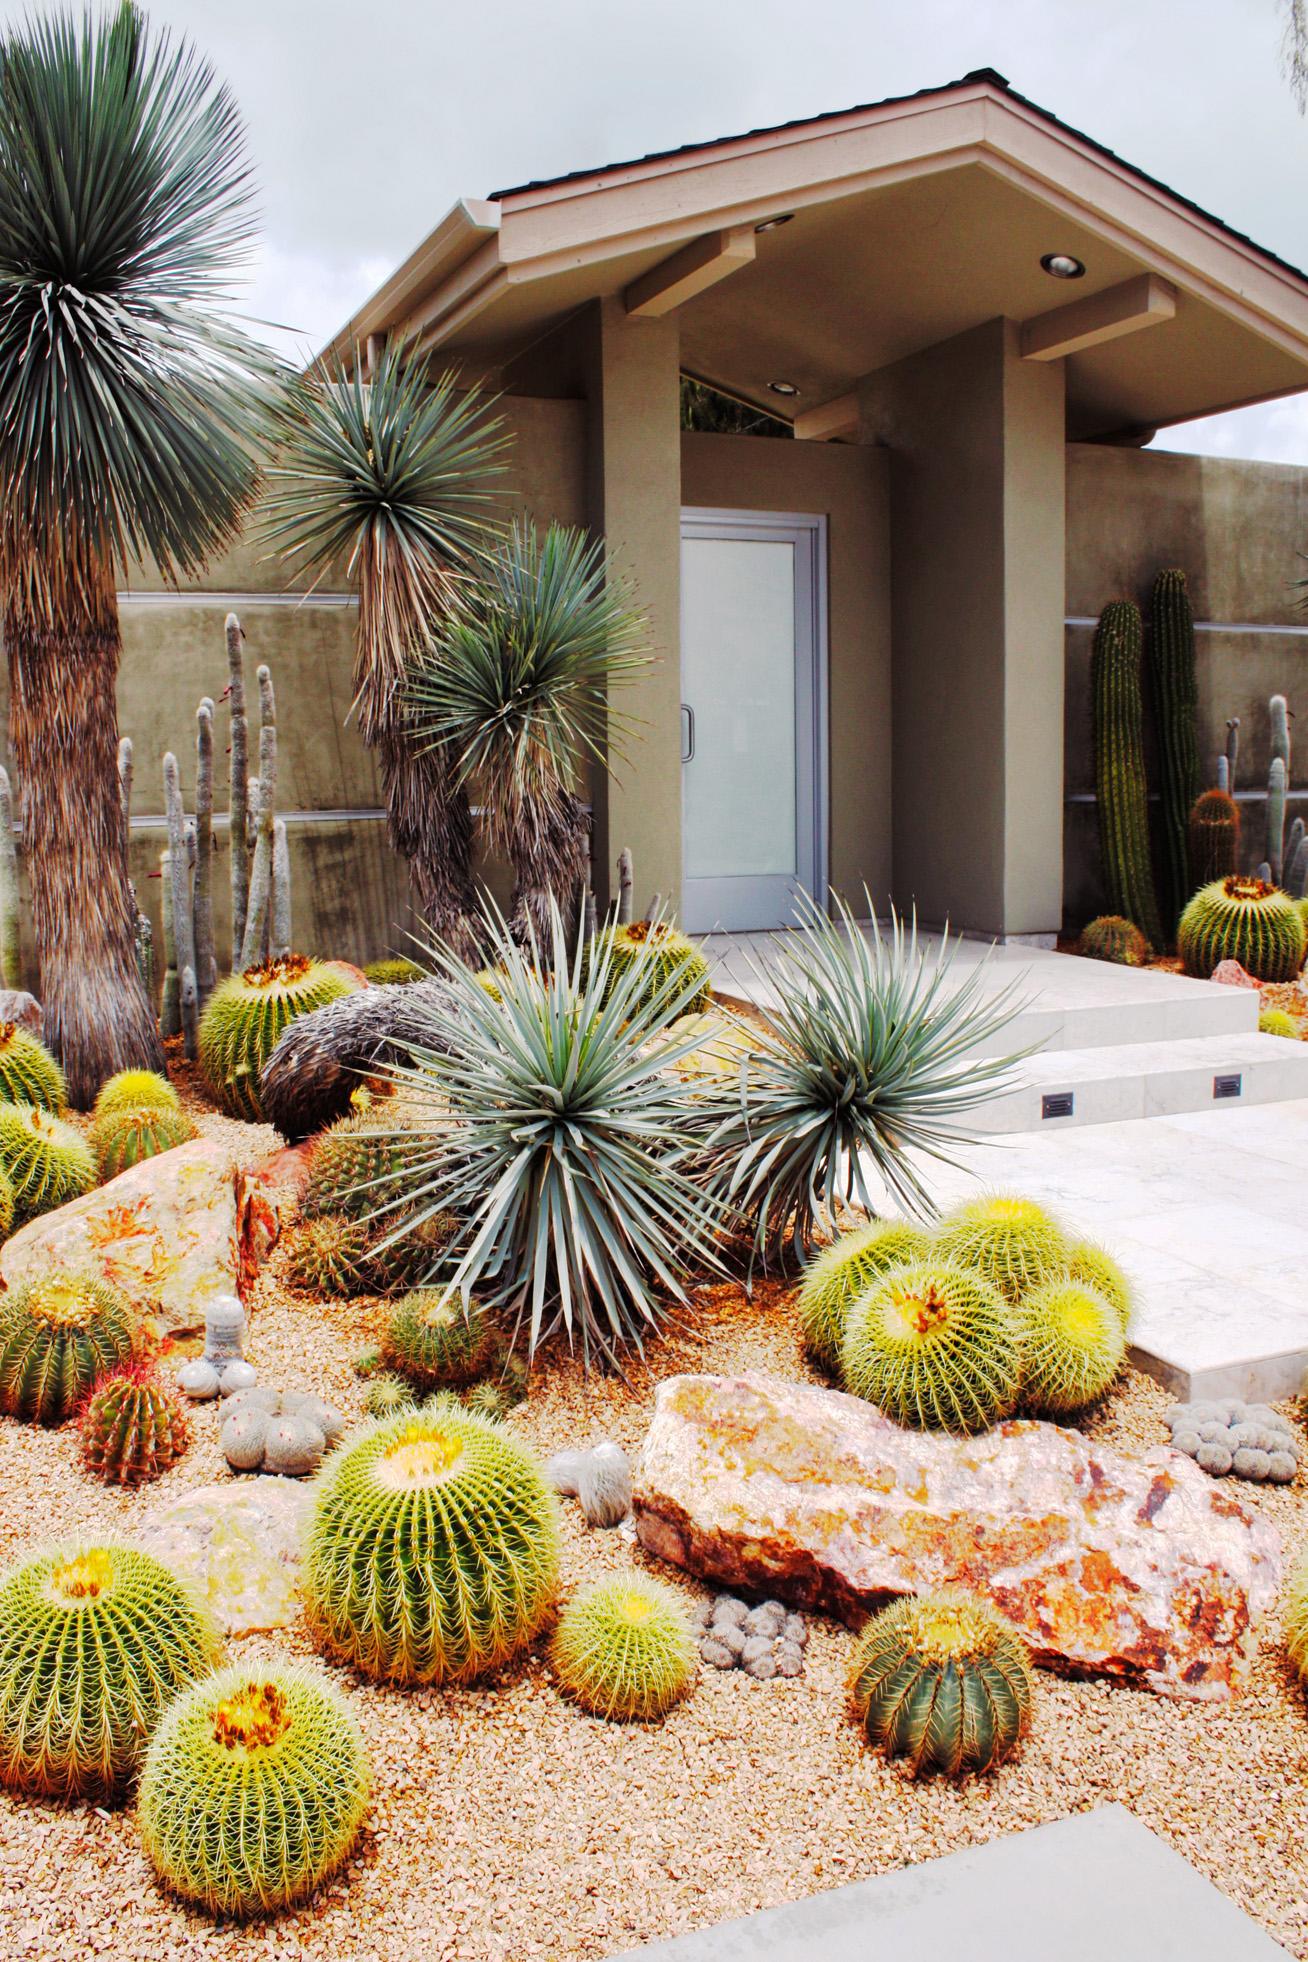 Water-Wise Garden Design Guide - Sunset Magazine